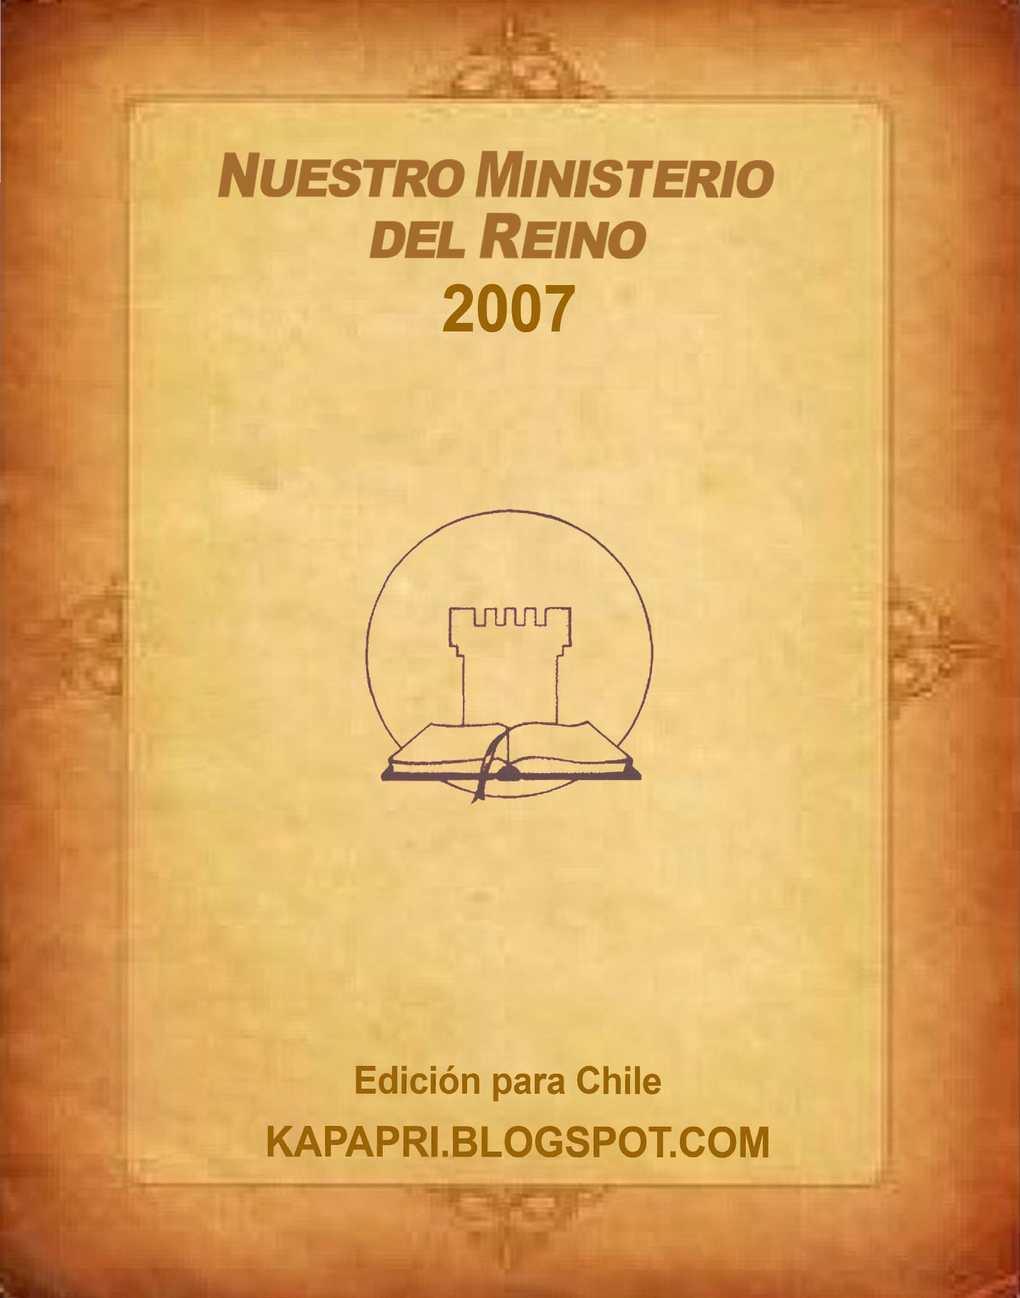 Calaméo - 2007 Nuestro Miniserio el Reino